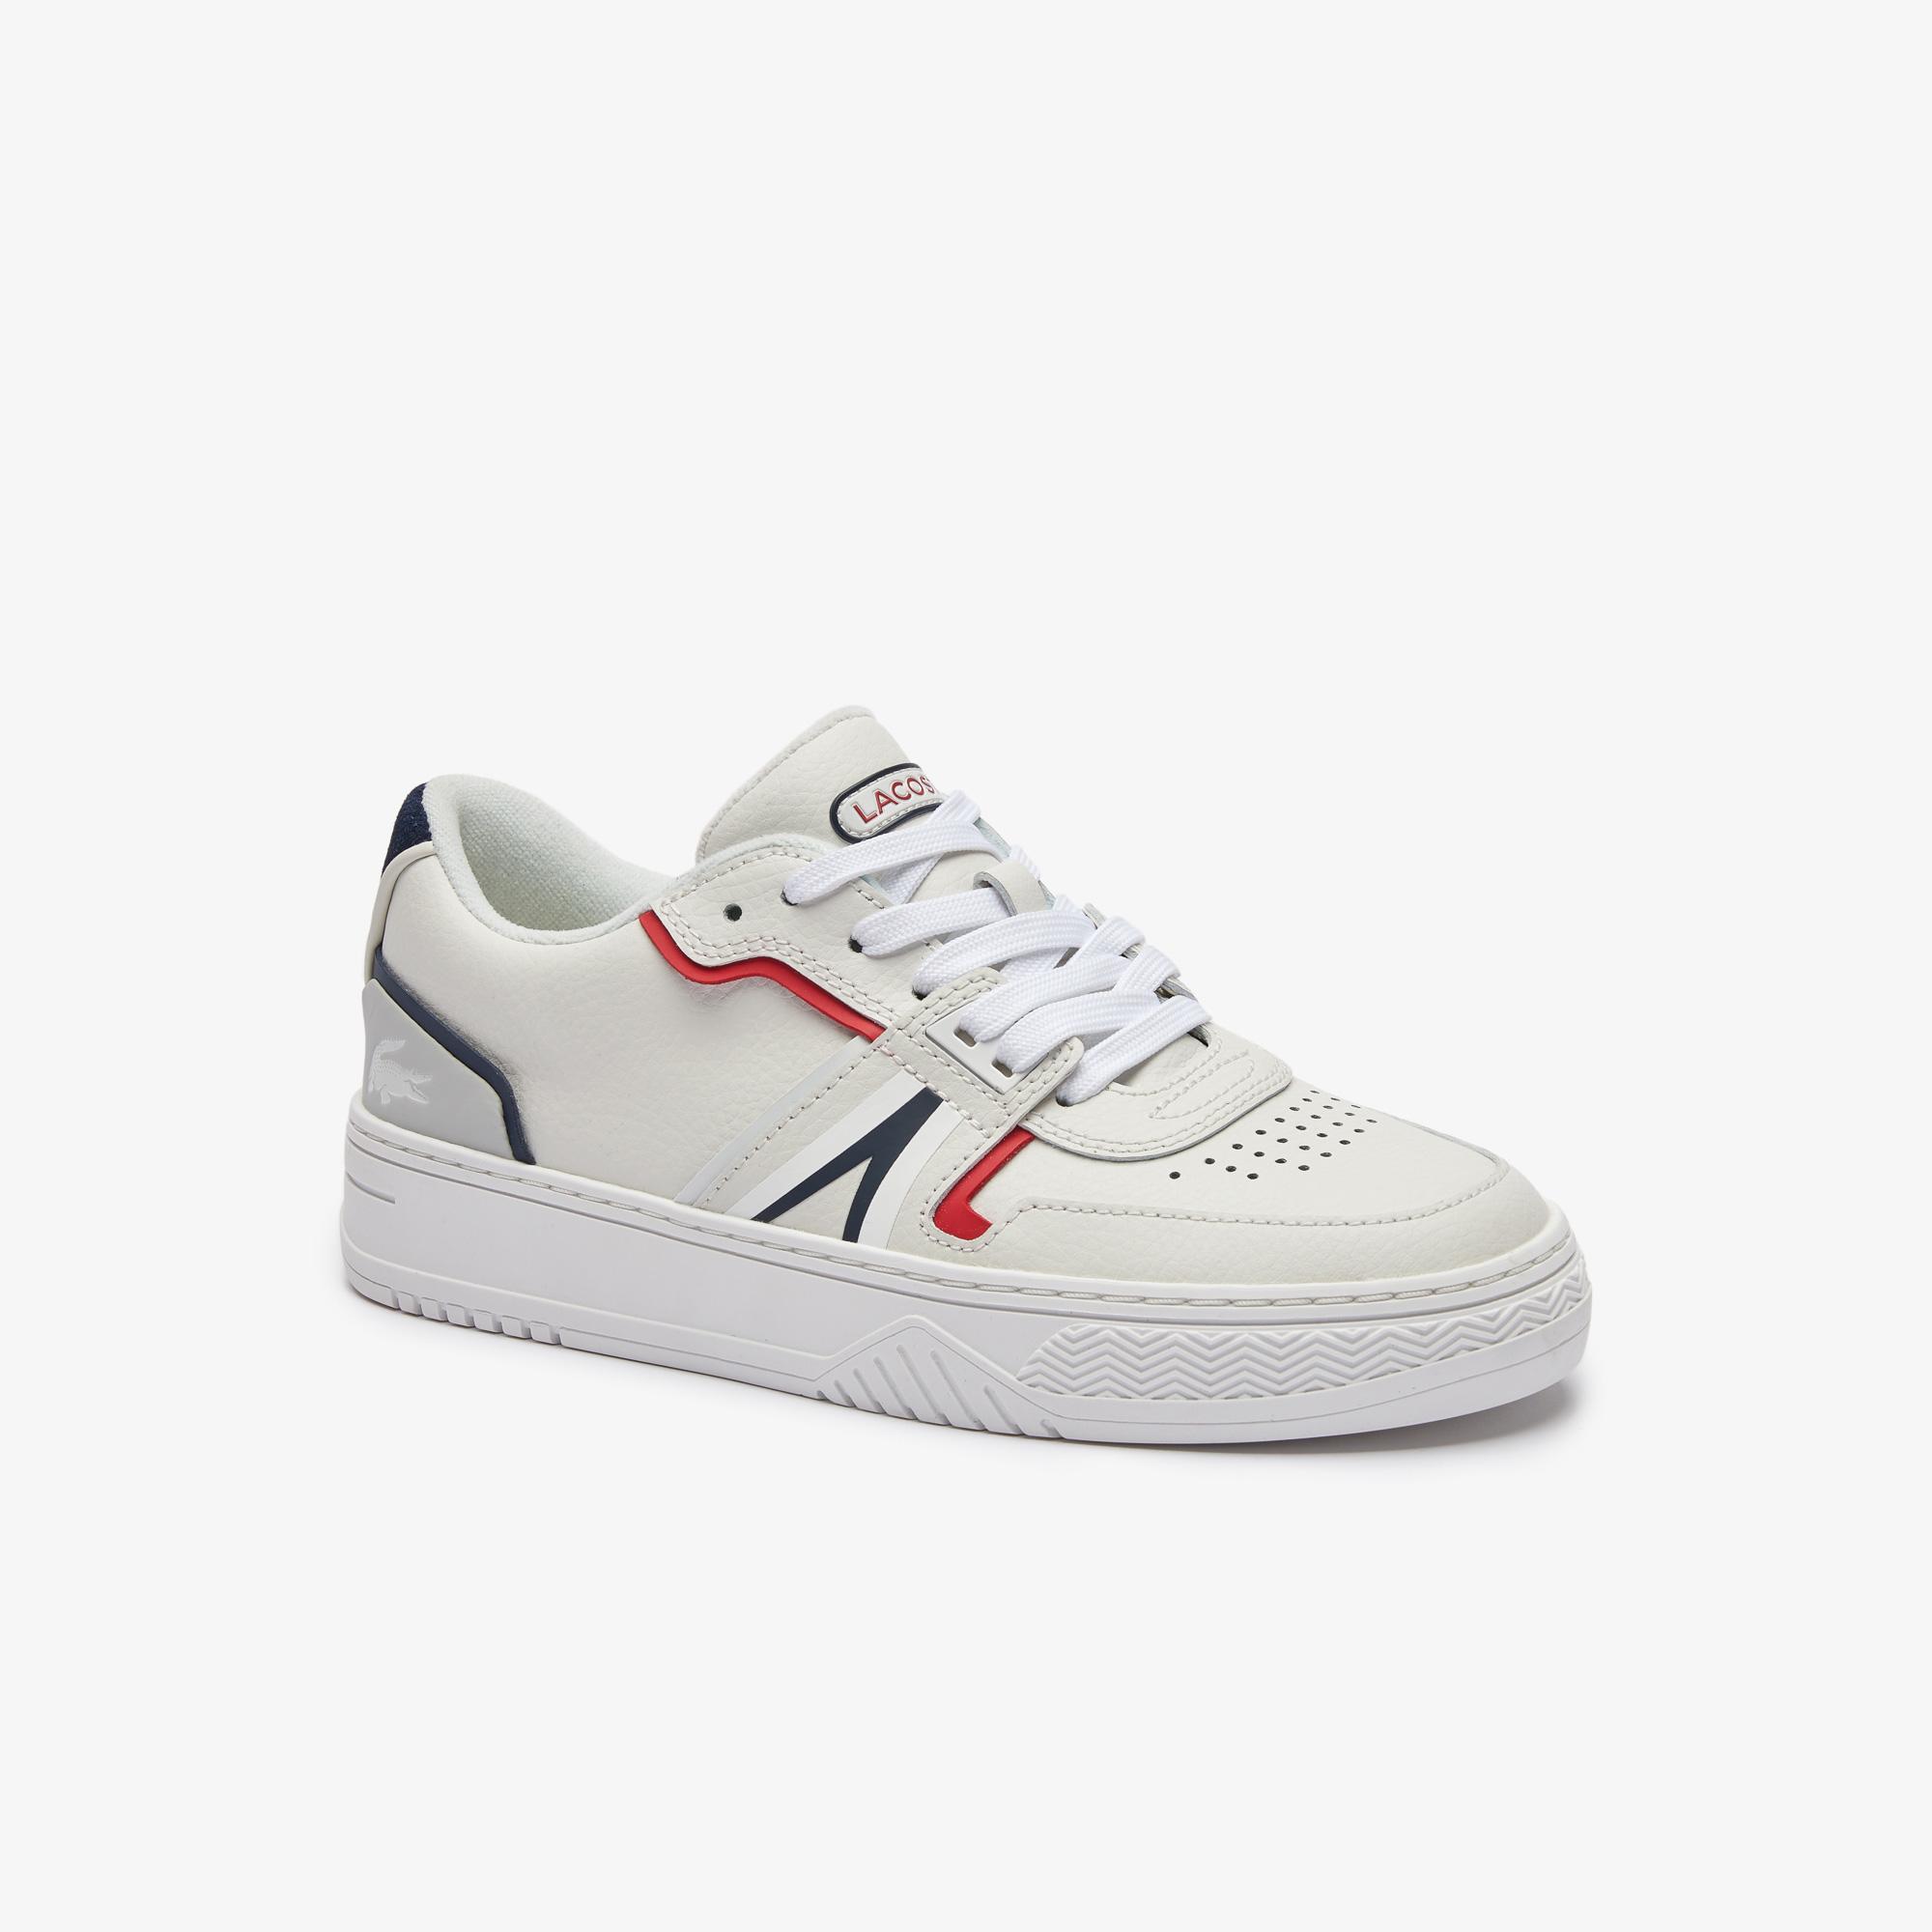 Lacoste L001 0321 1 Sfa Kadın Deri Beyaz - Lacivert- Kırmızı Sneaker